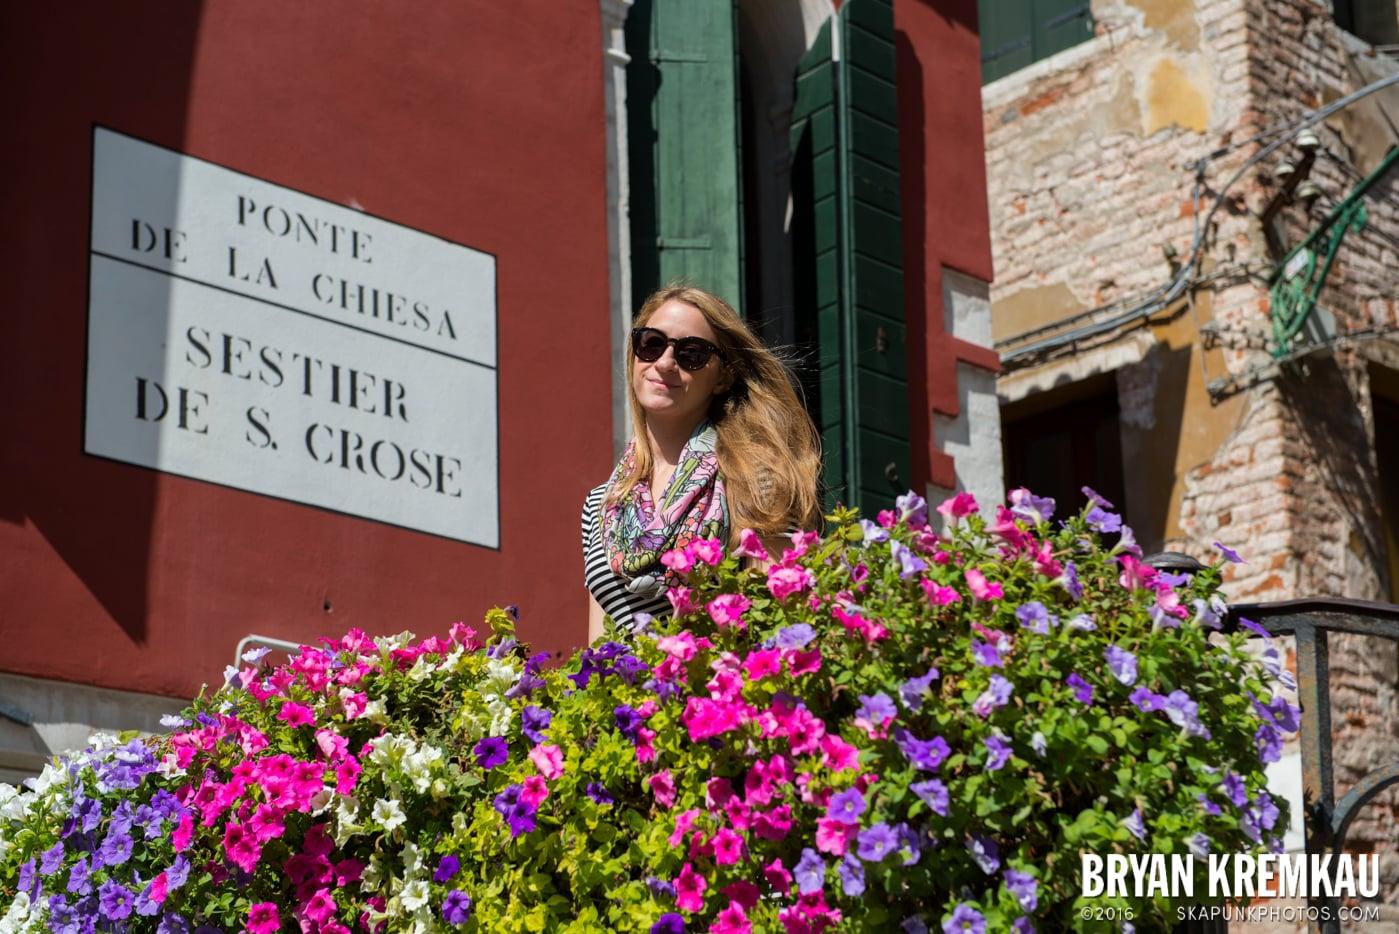 Italy Vacation - Day 5: Venice - 9.13.13 (47)